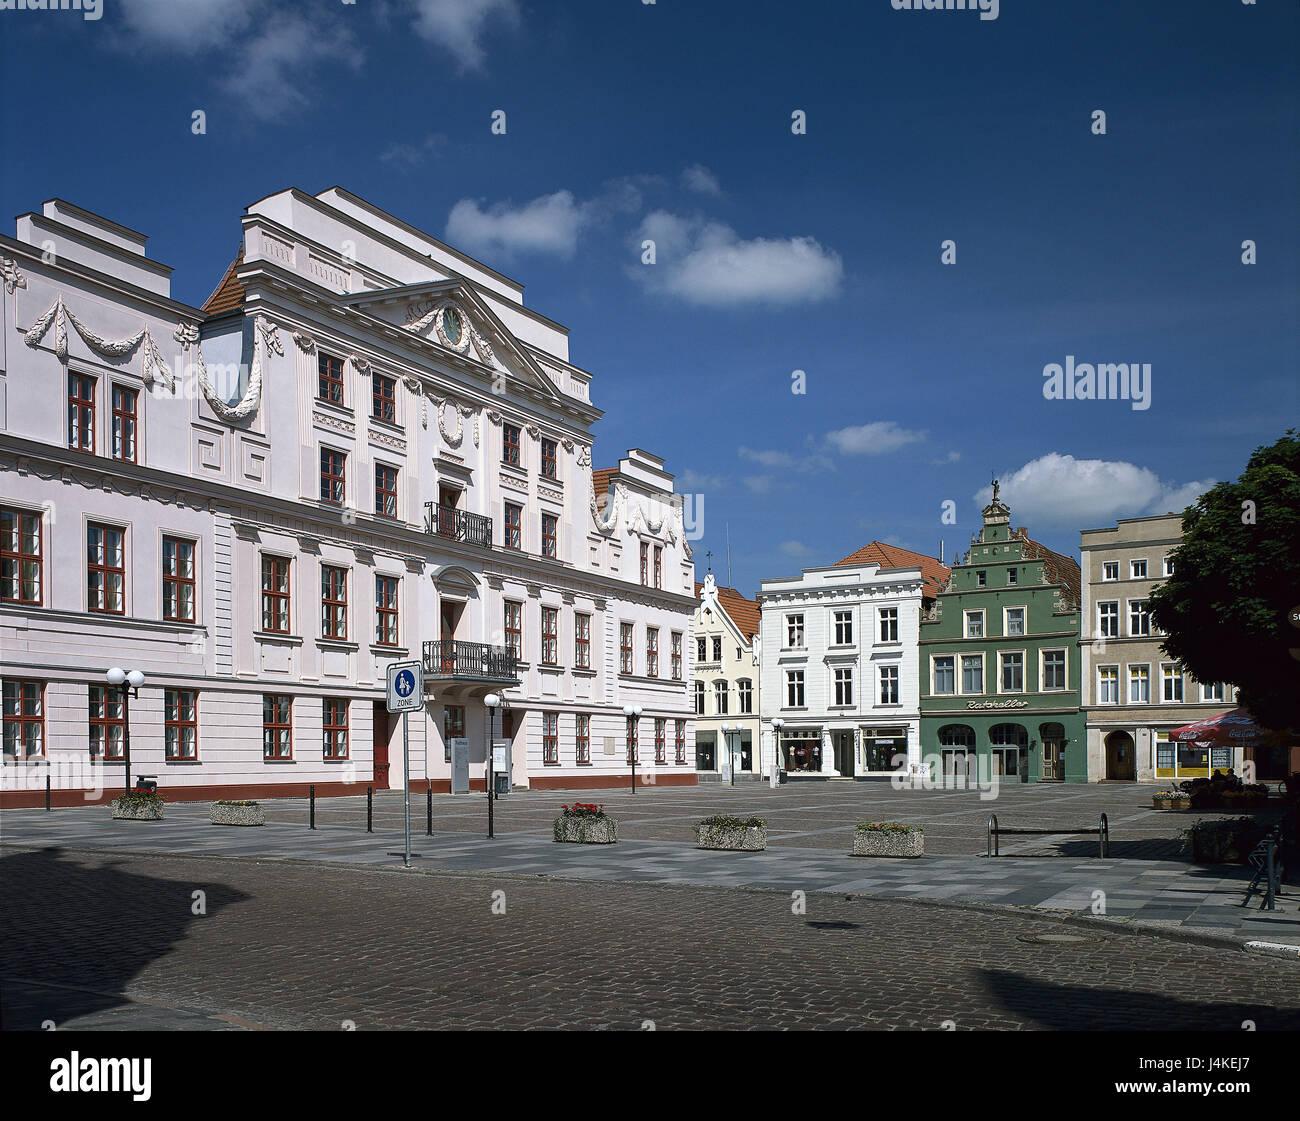 Deutschland mecklenburg vorpommern gustrow altstadt for Klassik baustil